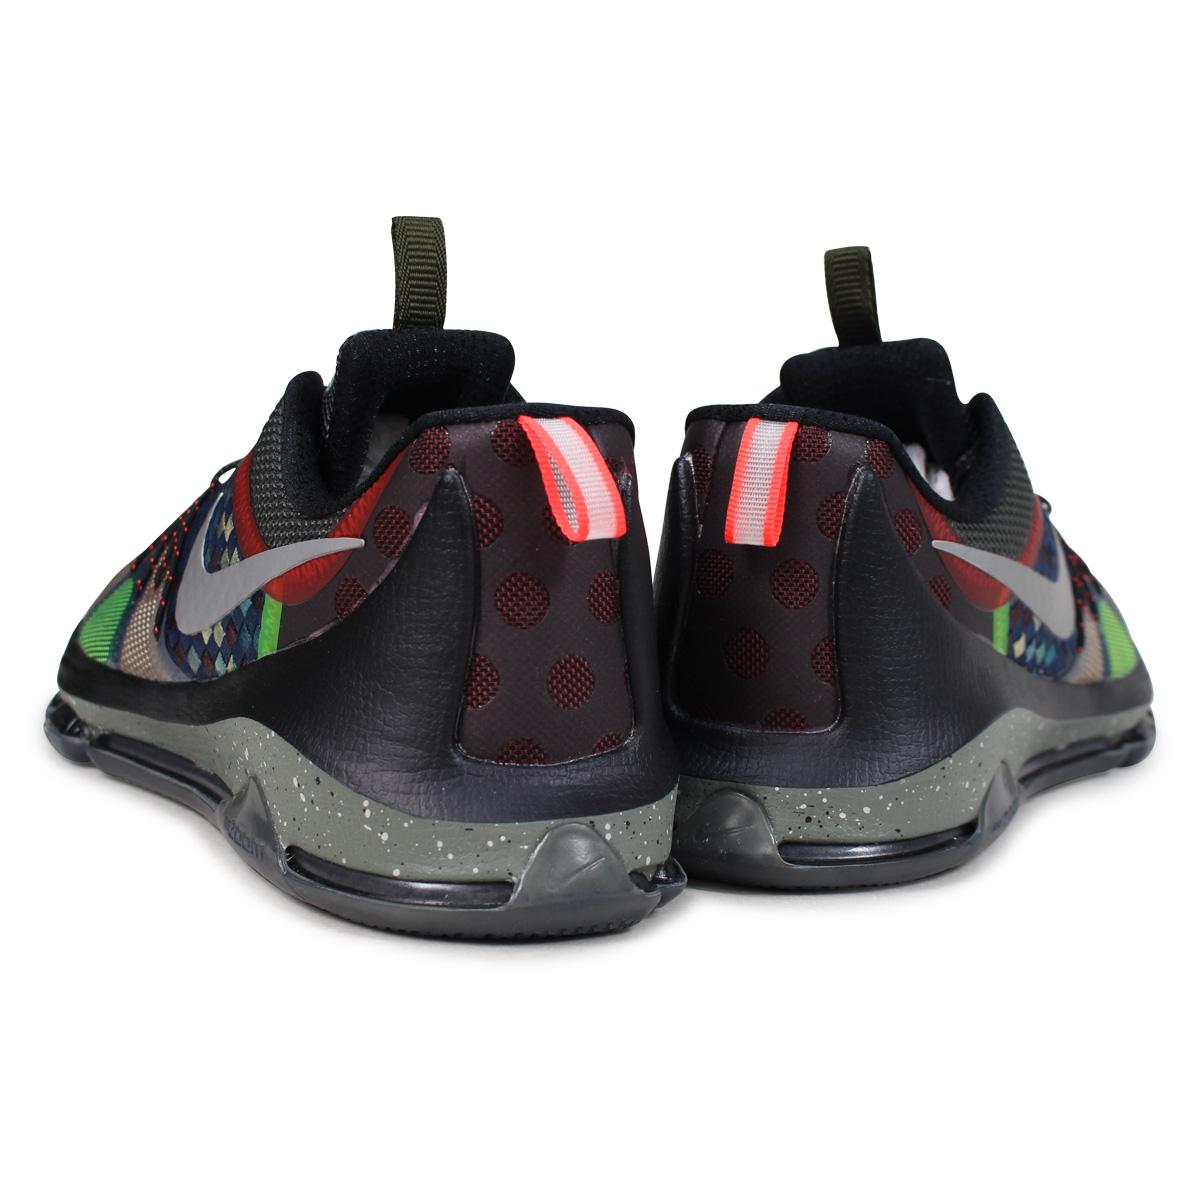 size 40 4e459 ad3e0 NIKE Nike KD 8 sneakers men SE EP WHAT THE 845,895-999 Kevin Durant black  black